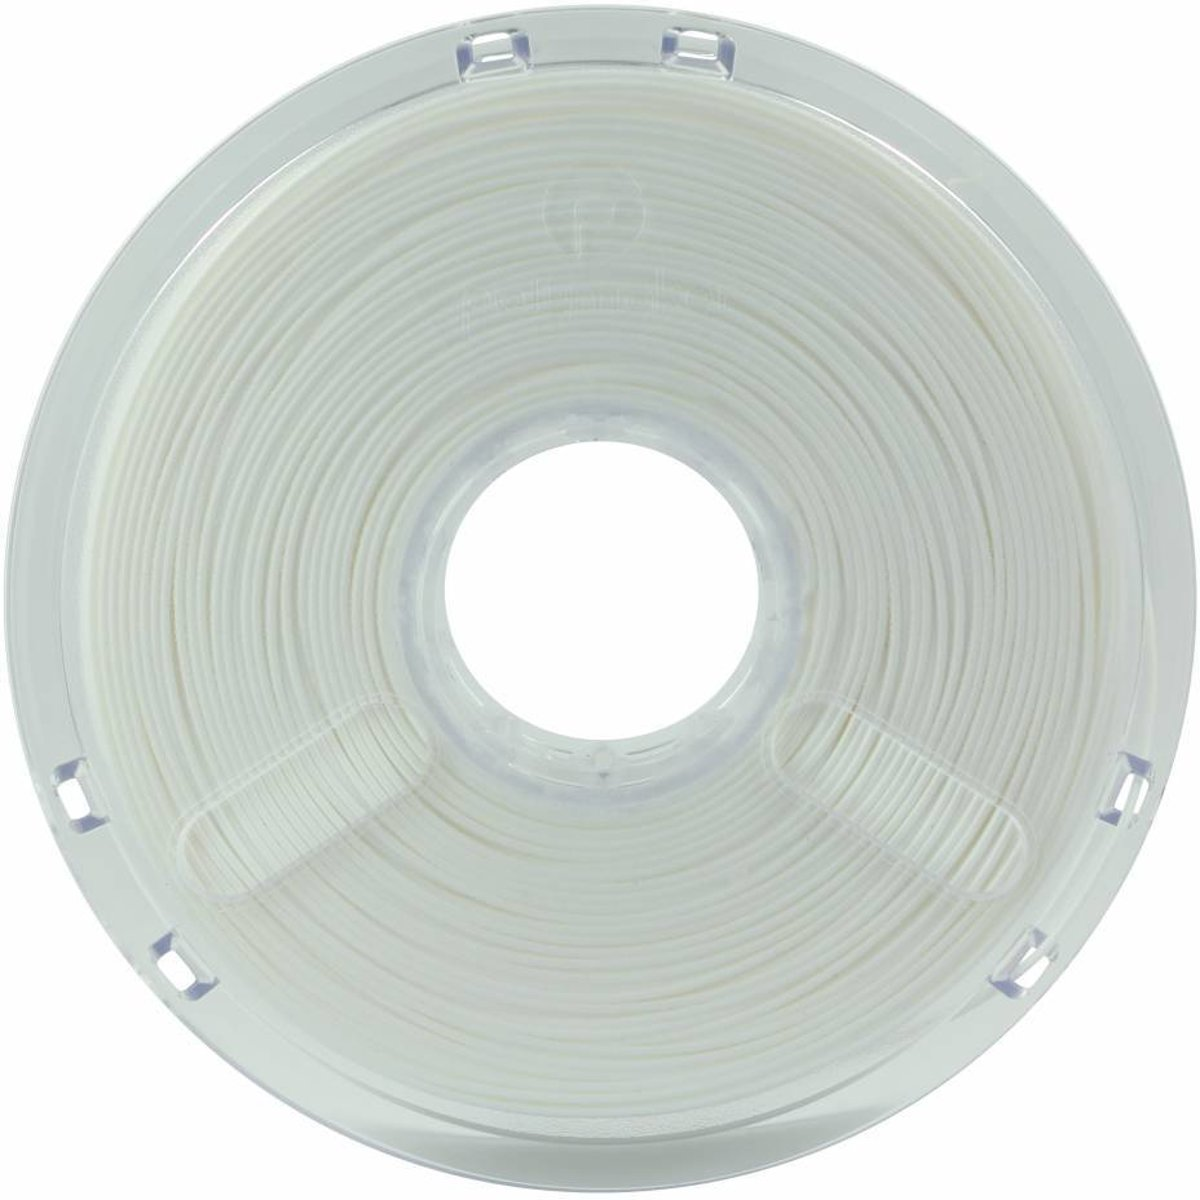 Polymaker Polysupport Pearl White 750gr kopen